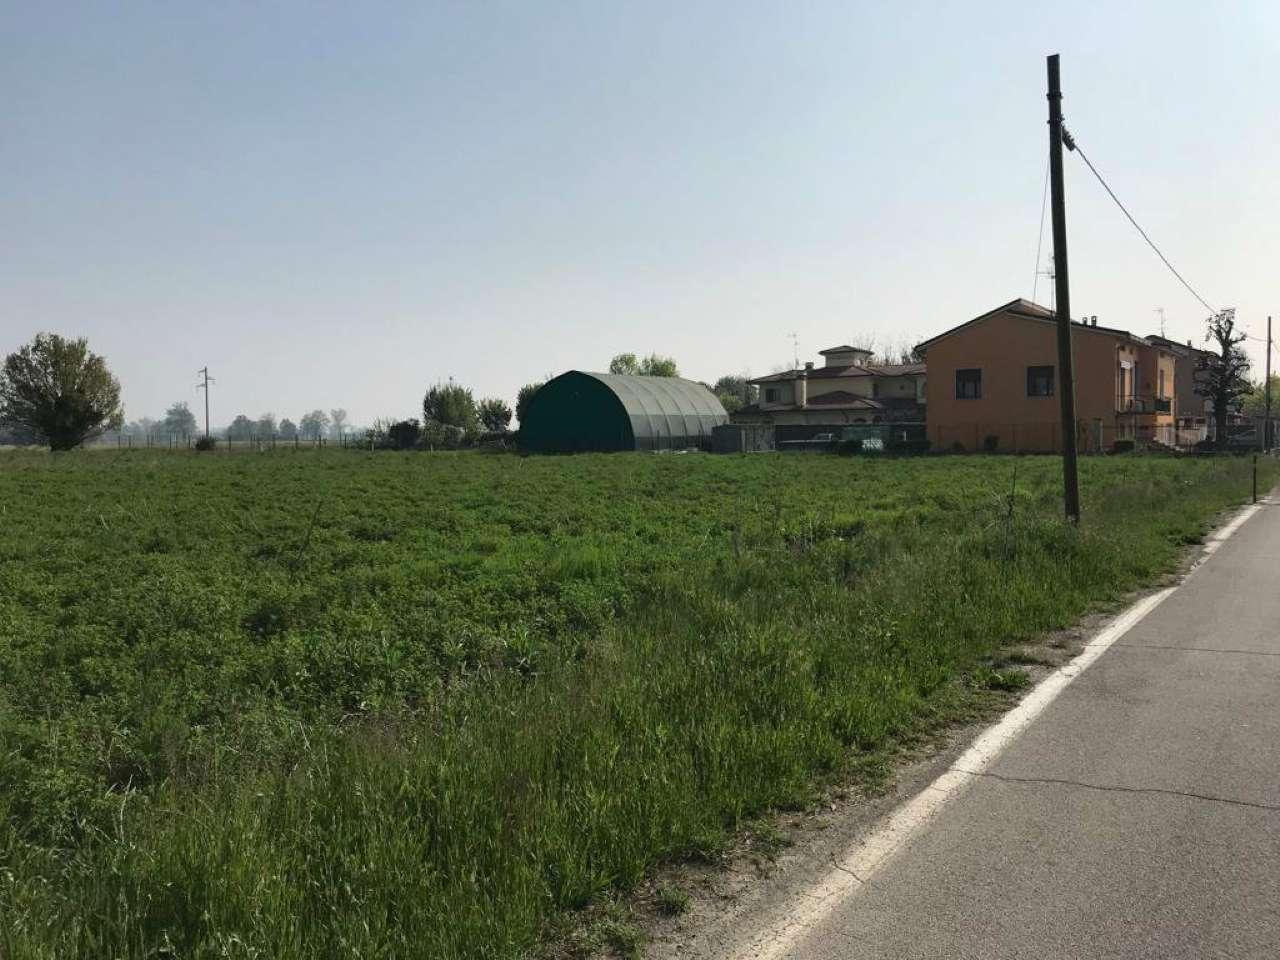 Terreno Agricolo in vendita a Cremona, 9999 locali, prezzo € 40.000 | CambioCasa.it